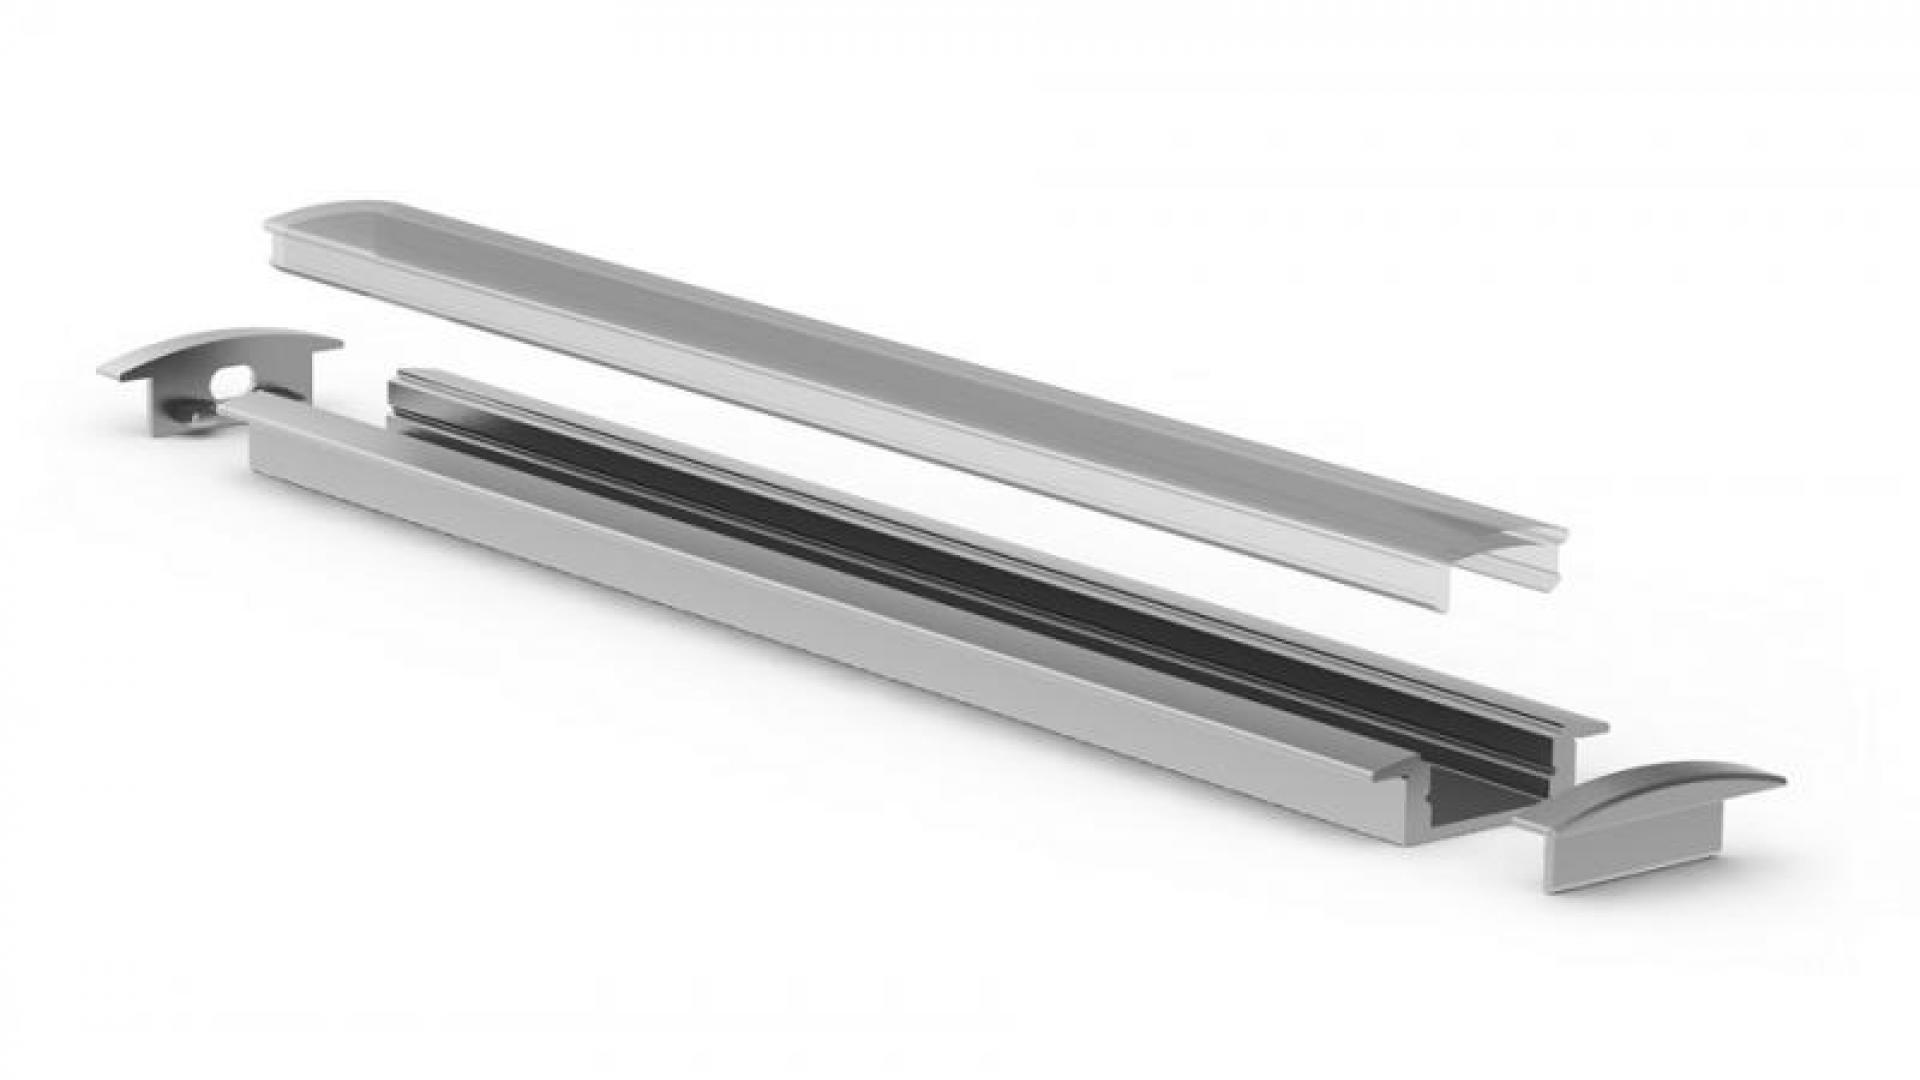 Uitzonderlijk LED-strip buiten monteren door middel van LED-strip profielen MI46